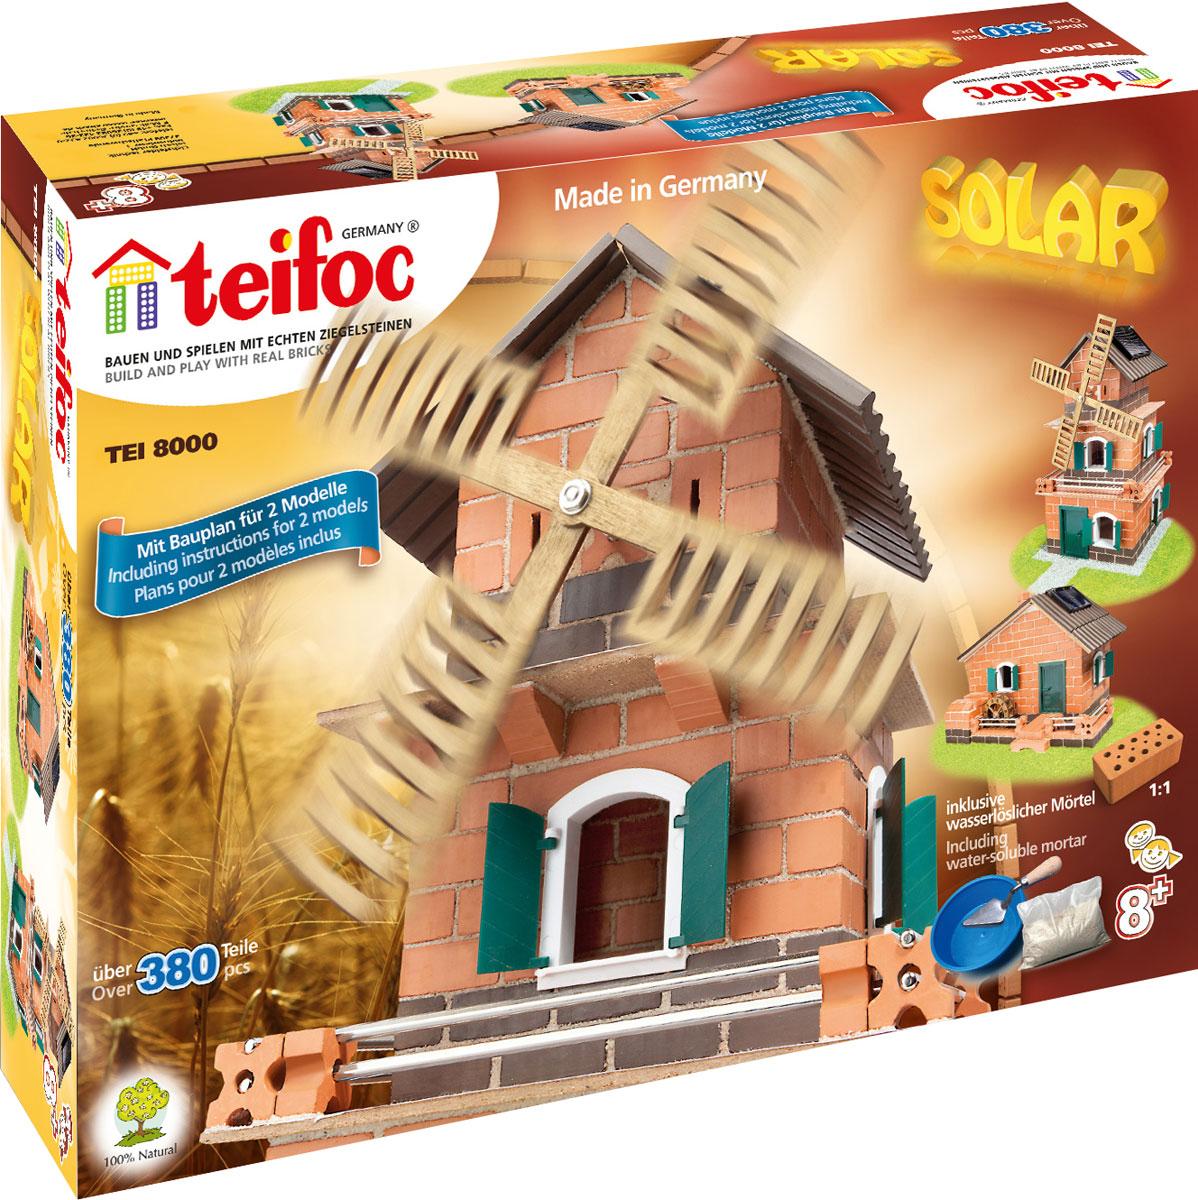 все цены на Teifoc Строительный набор Ветряная мельница TEI 8000 онлайн